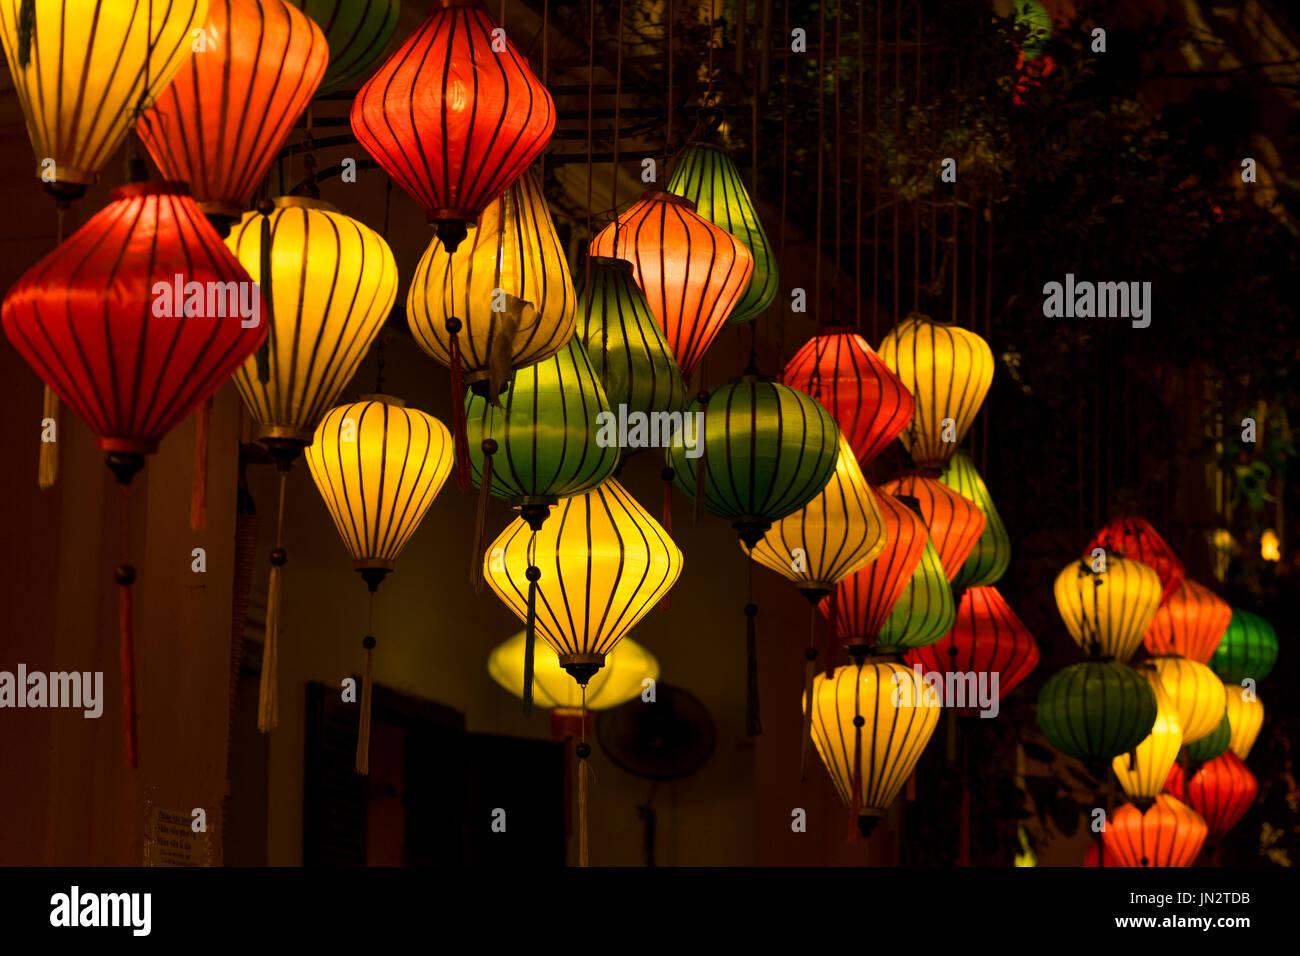 Lanternes de soie colorés brillants dans la soirée à Hoi An, Vietnam, connu pour ses dessins de lanterne Photo Stock